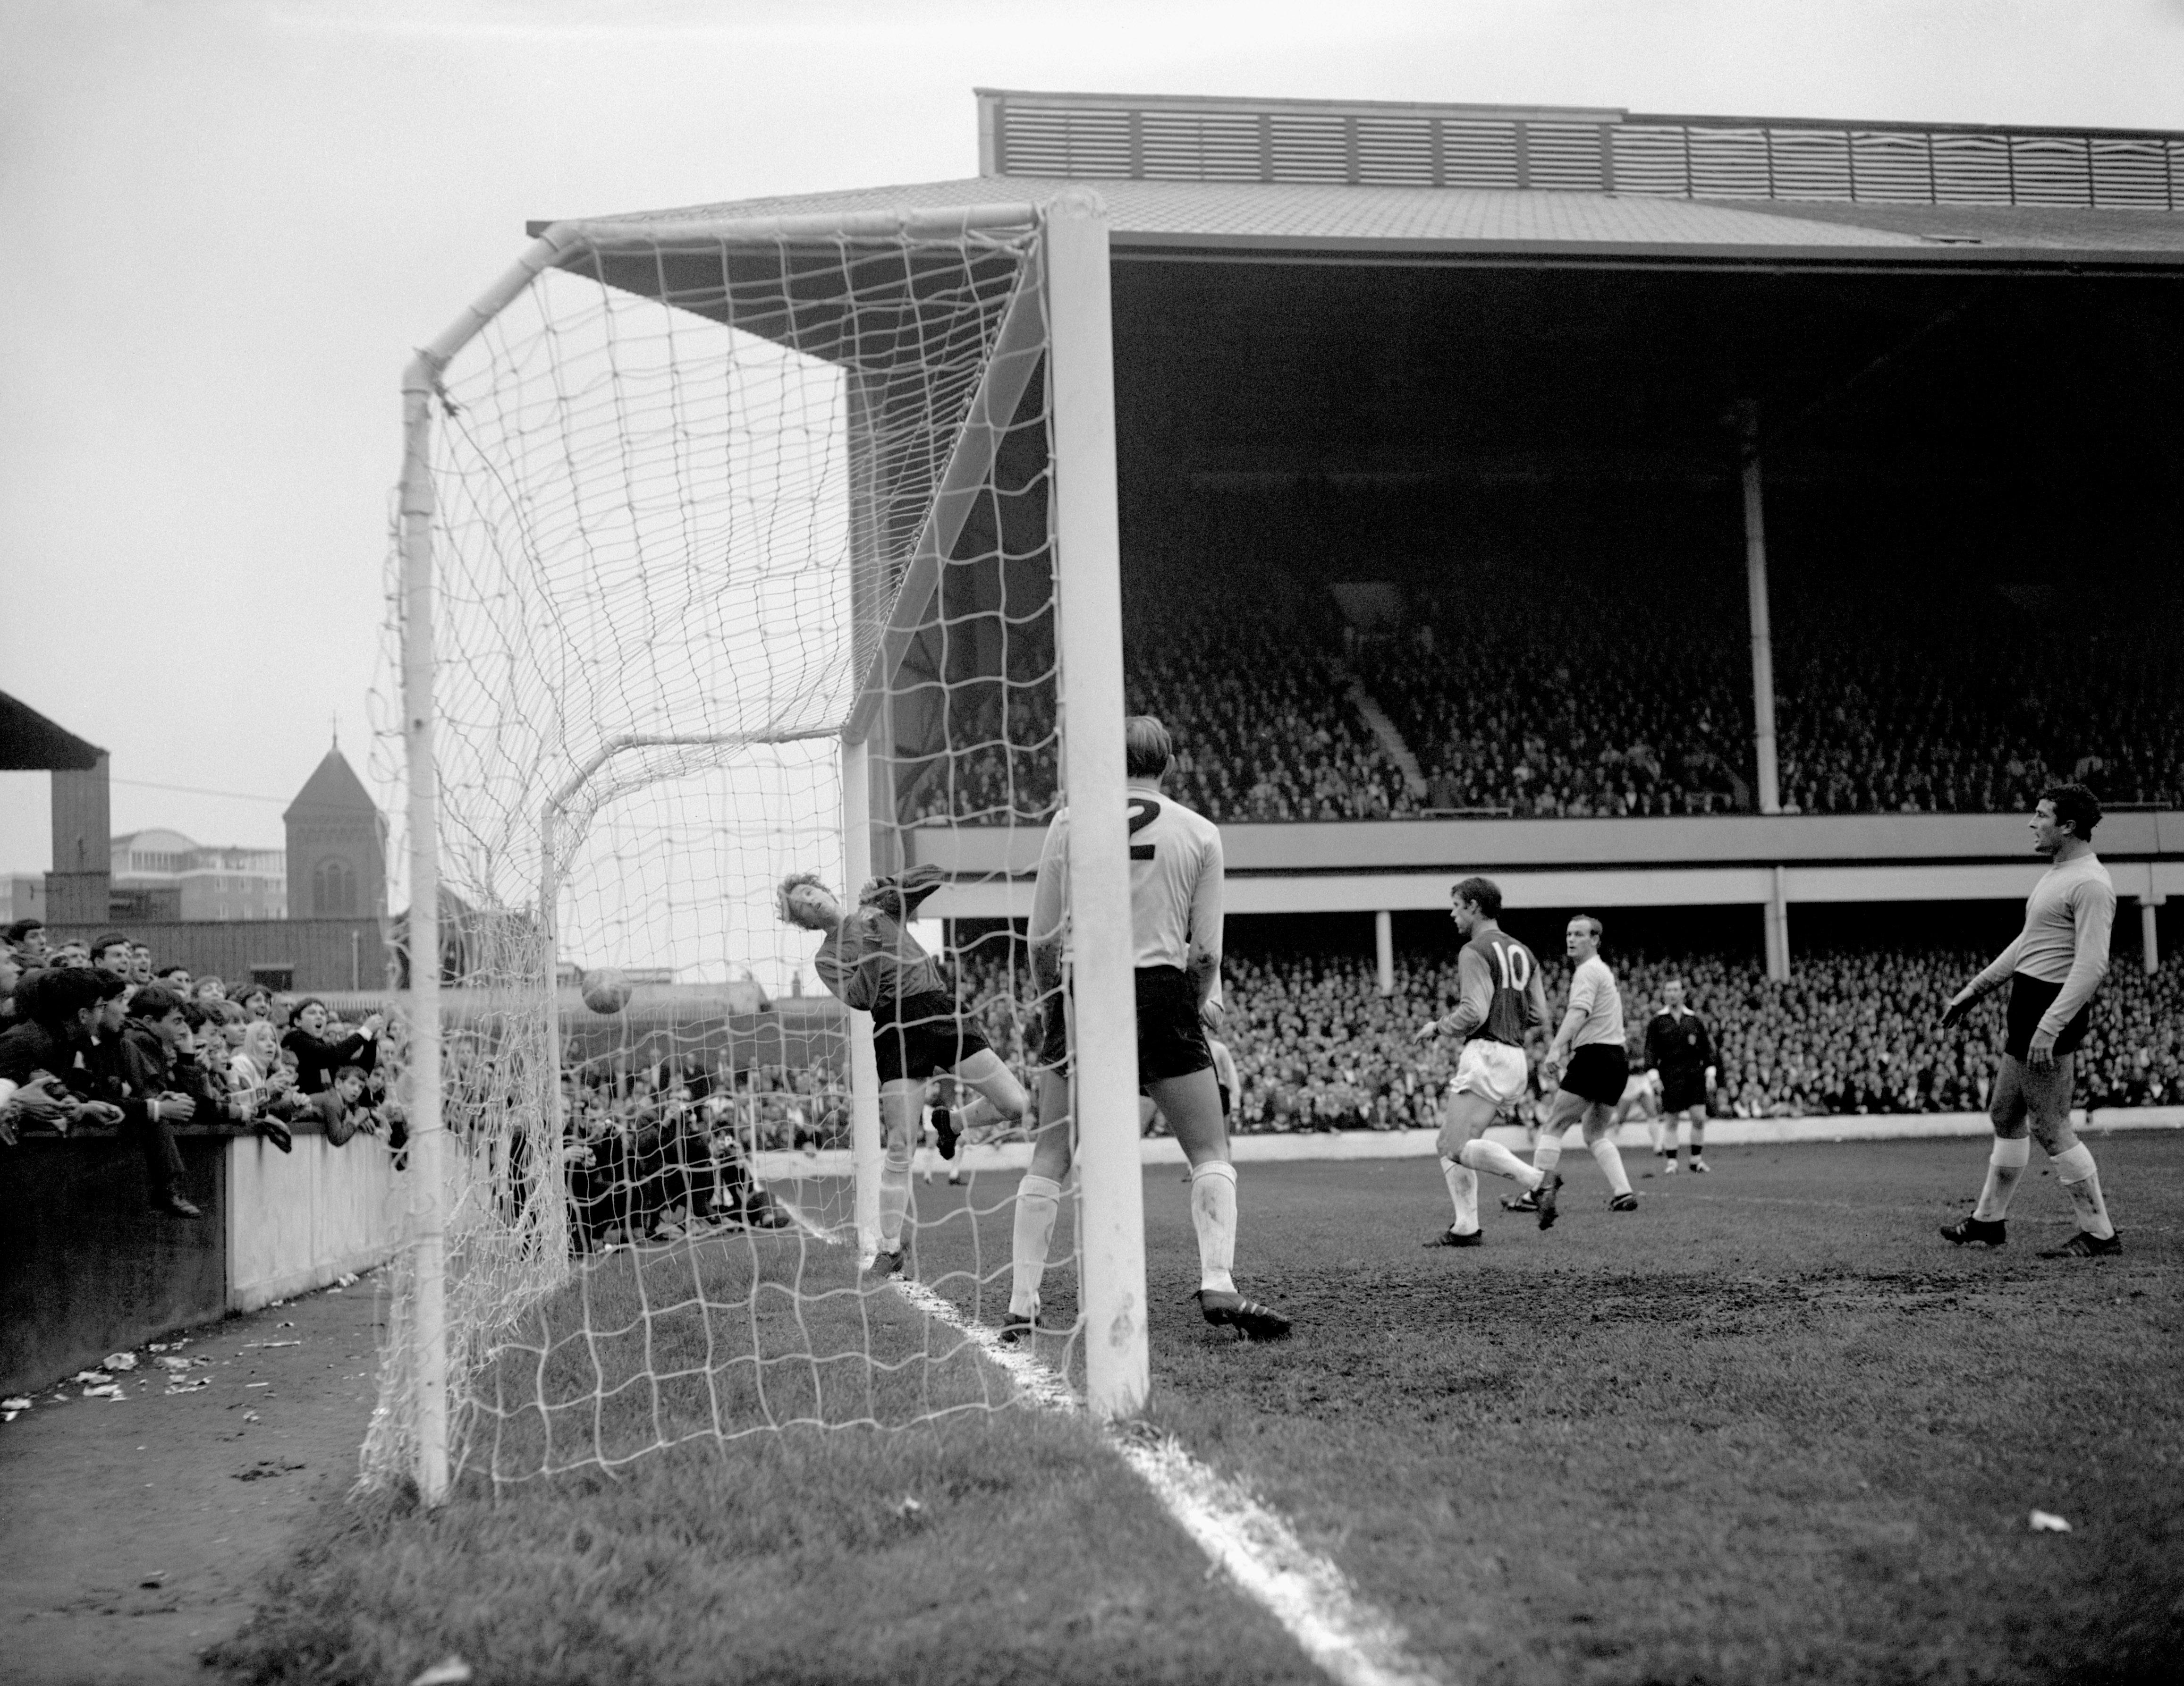 West Ham v Sunderland - League Division One - Upton Park